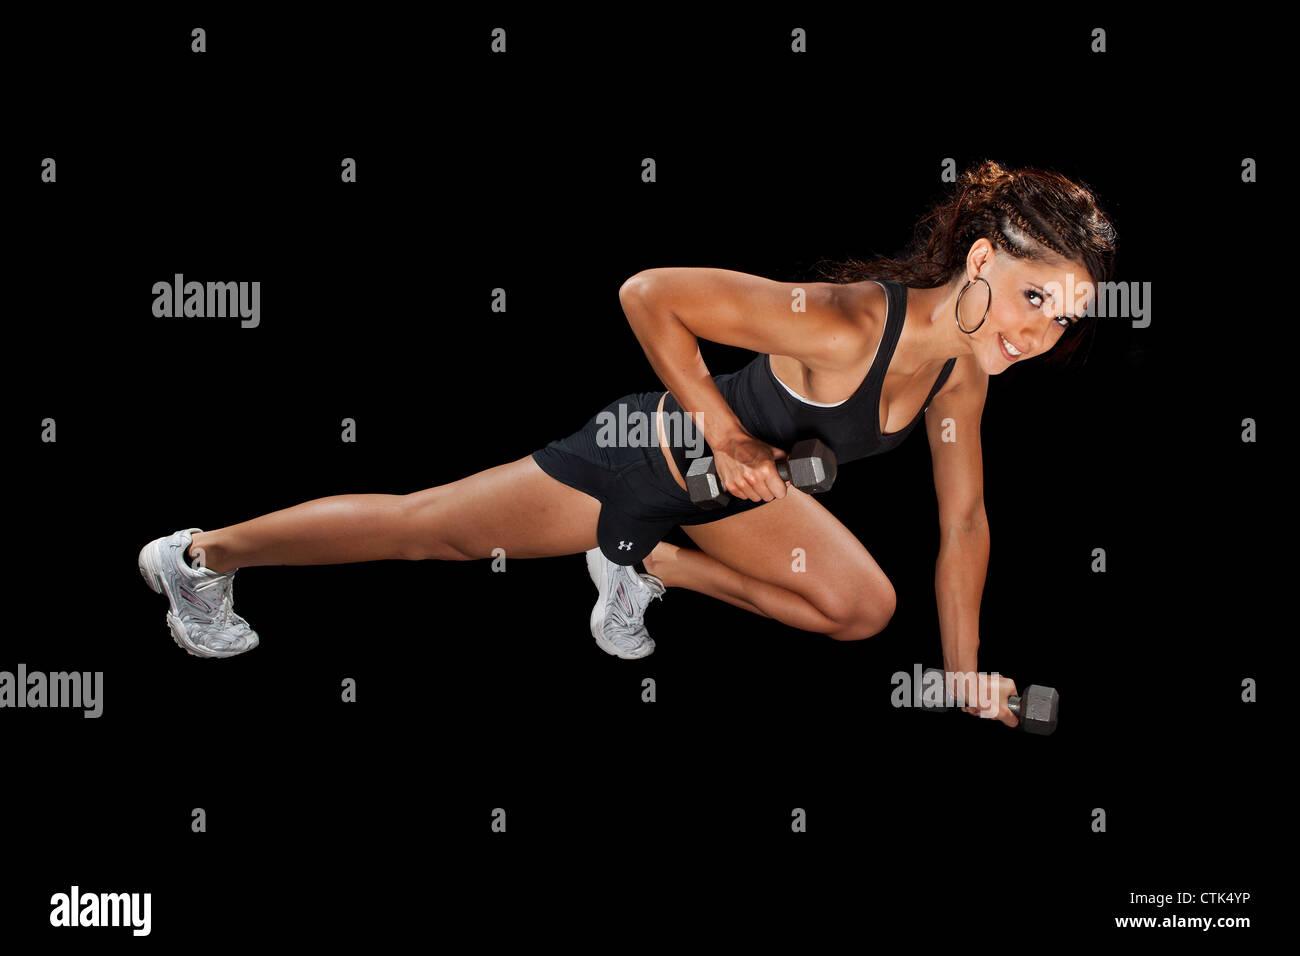 Remise en forme de l'exercice faire danseur appuyez sur haut exercer avec des poids modèle sport sur fond noir studio d'éclairage. Banque D'Images